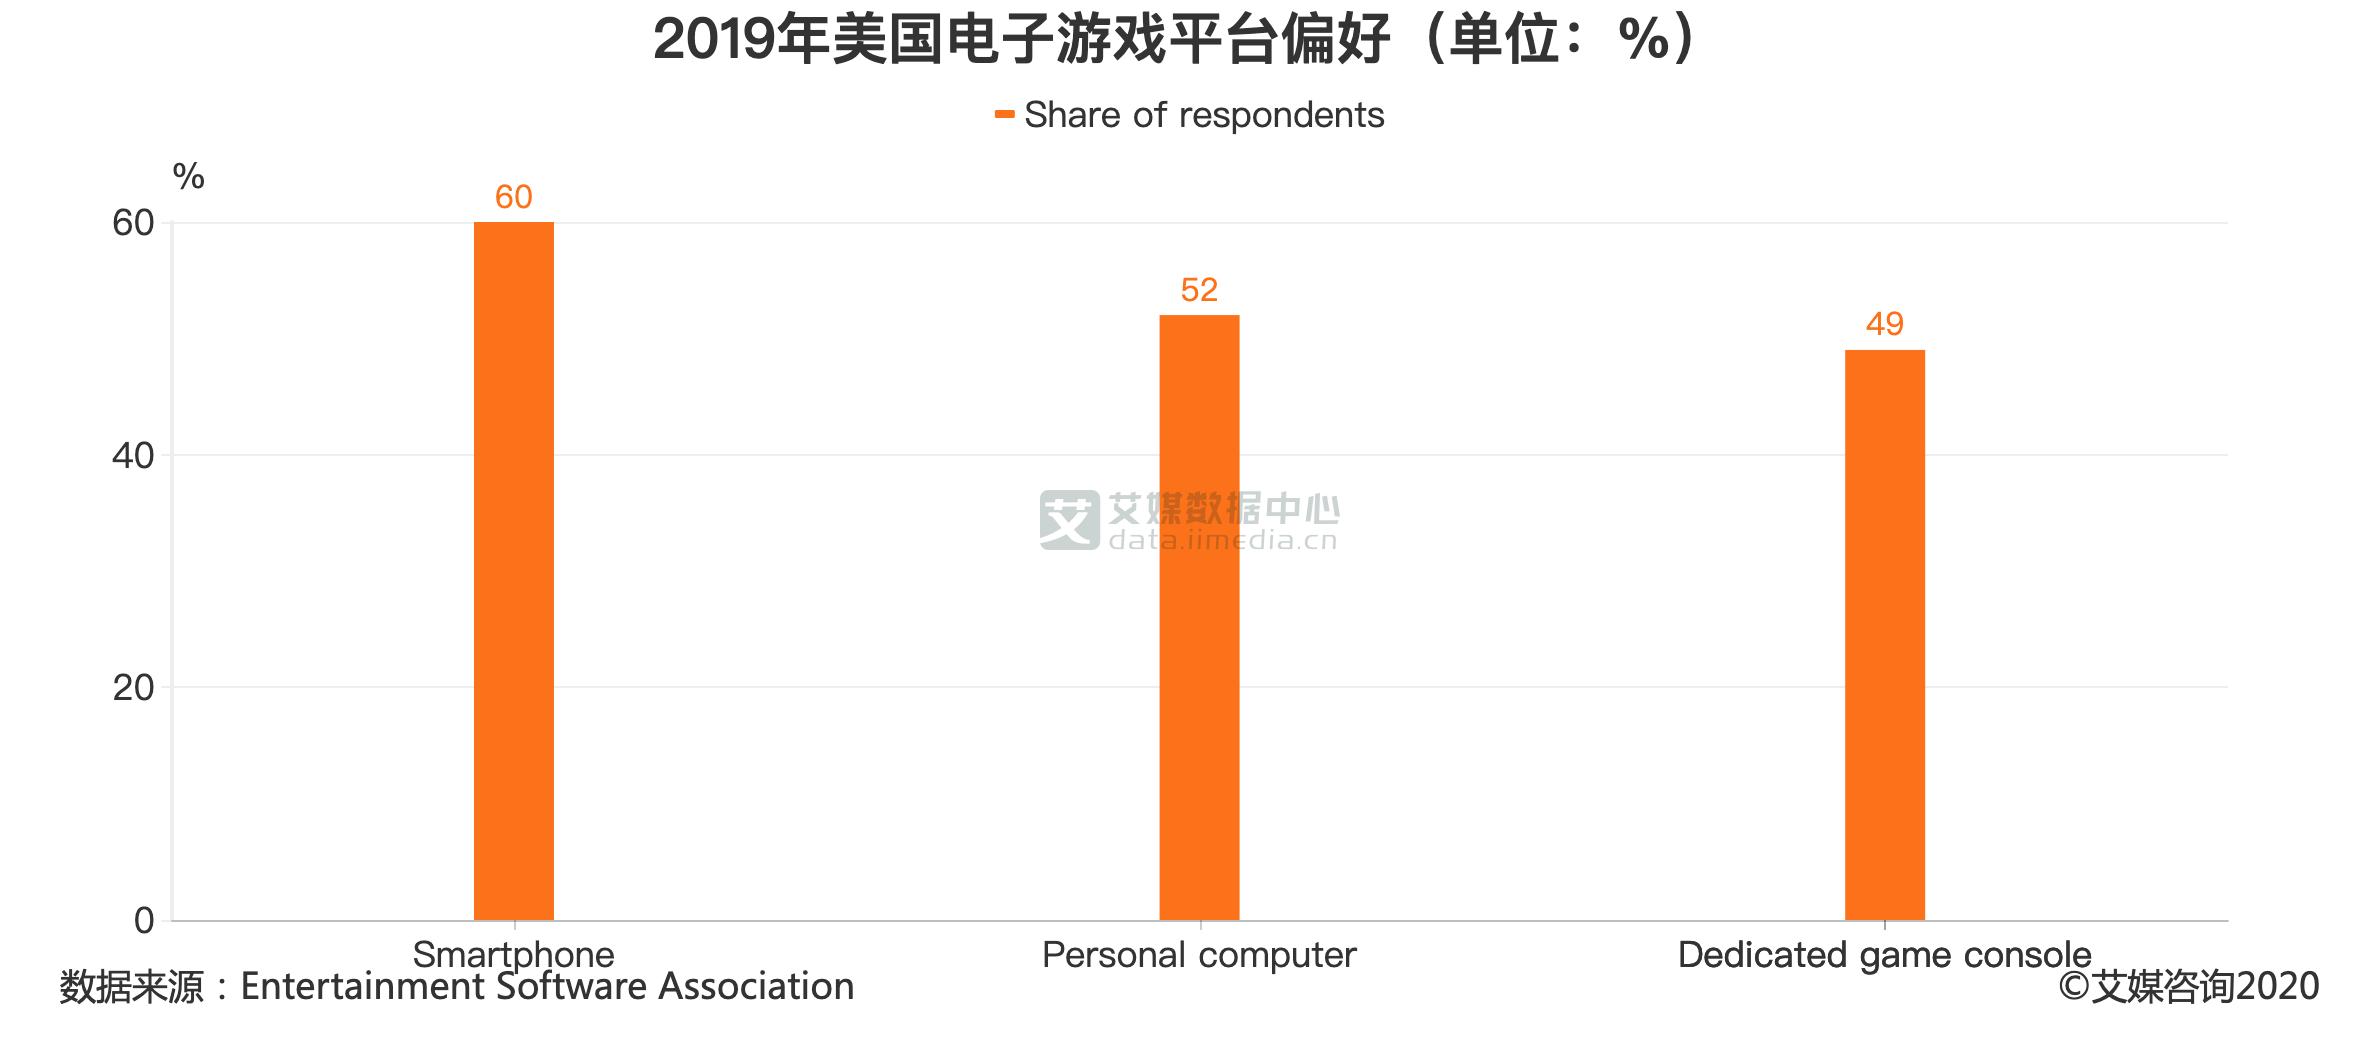 2019年美国电子游戏平台偏好(单位:%)